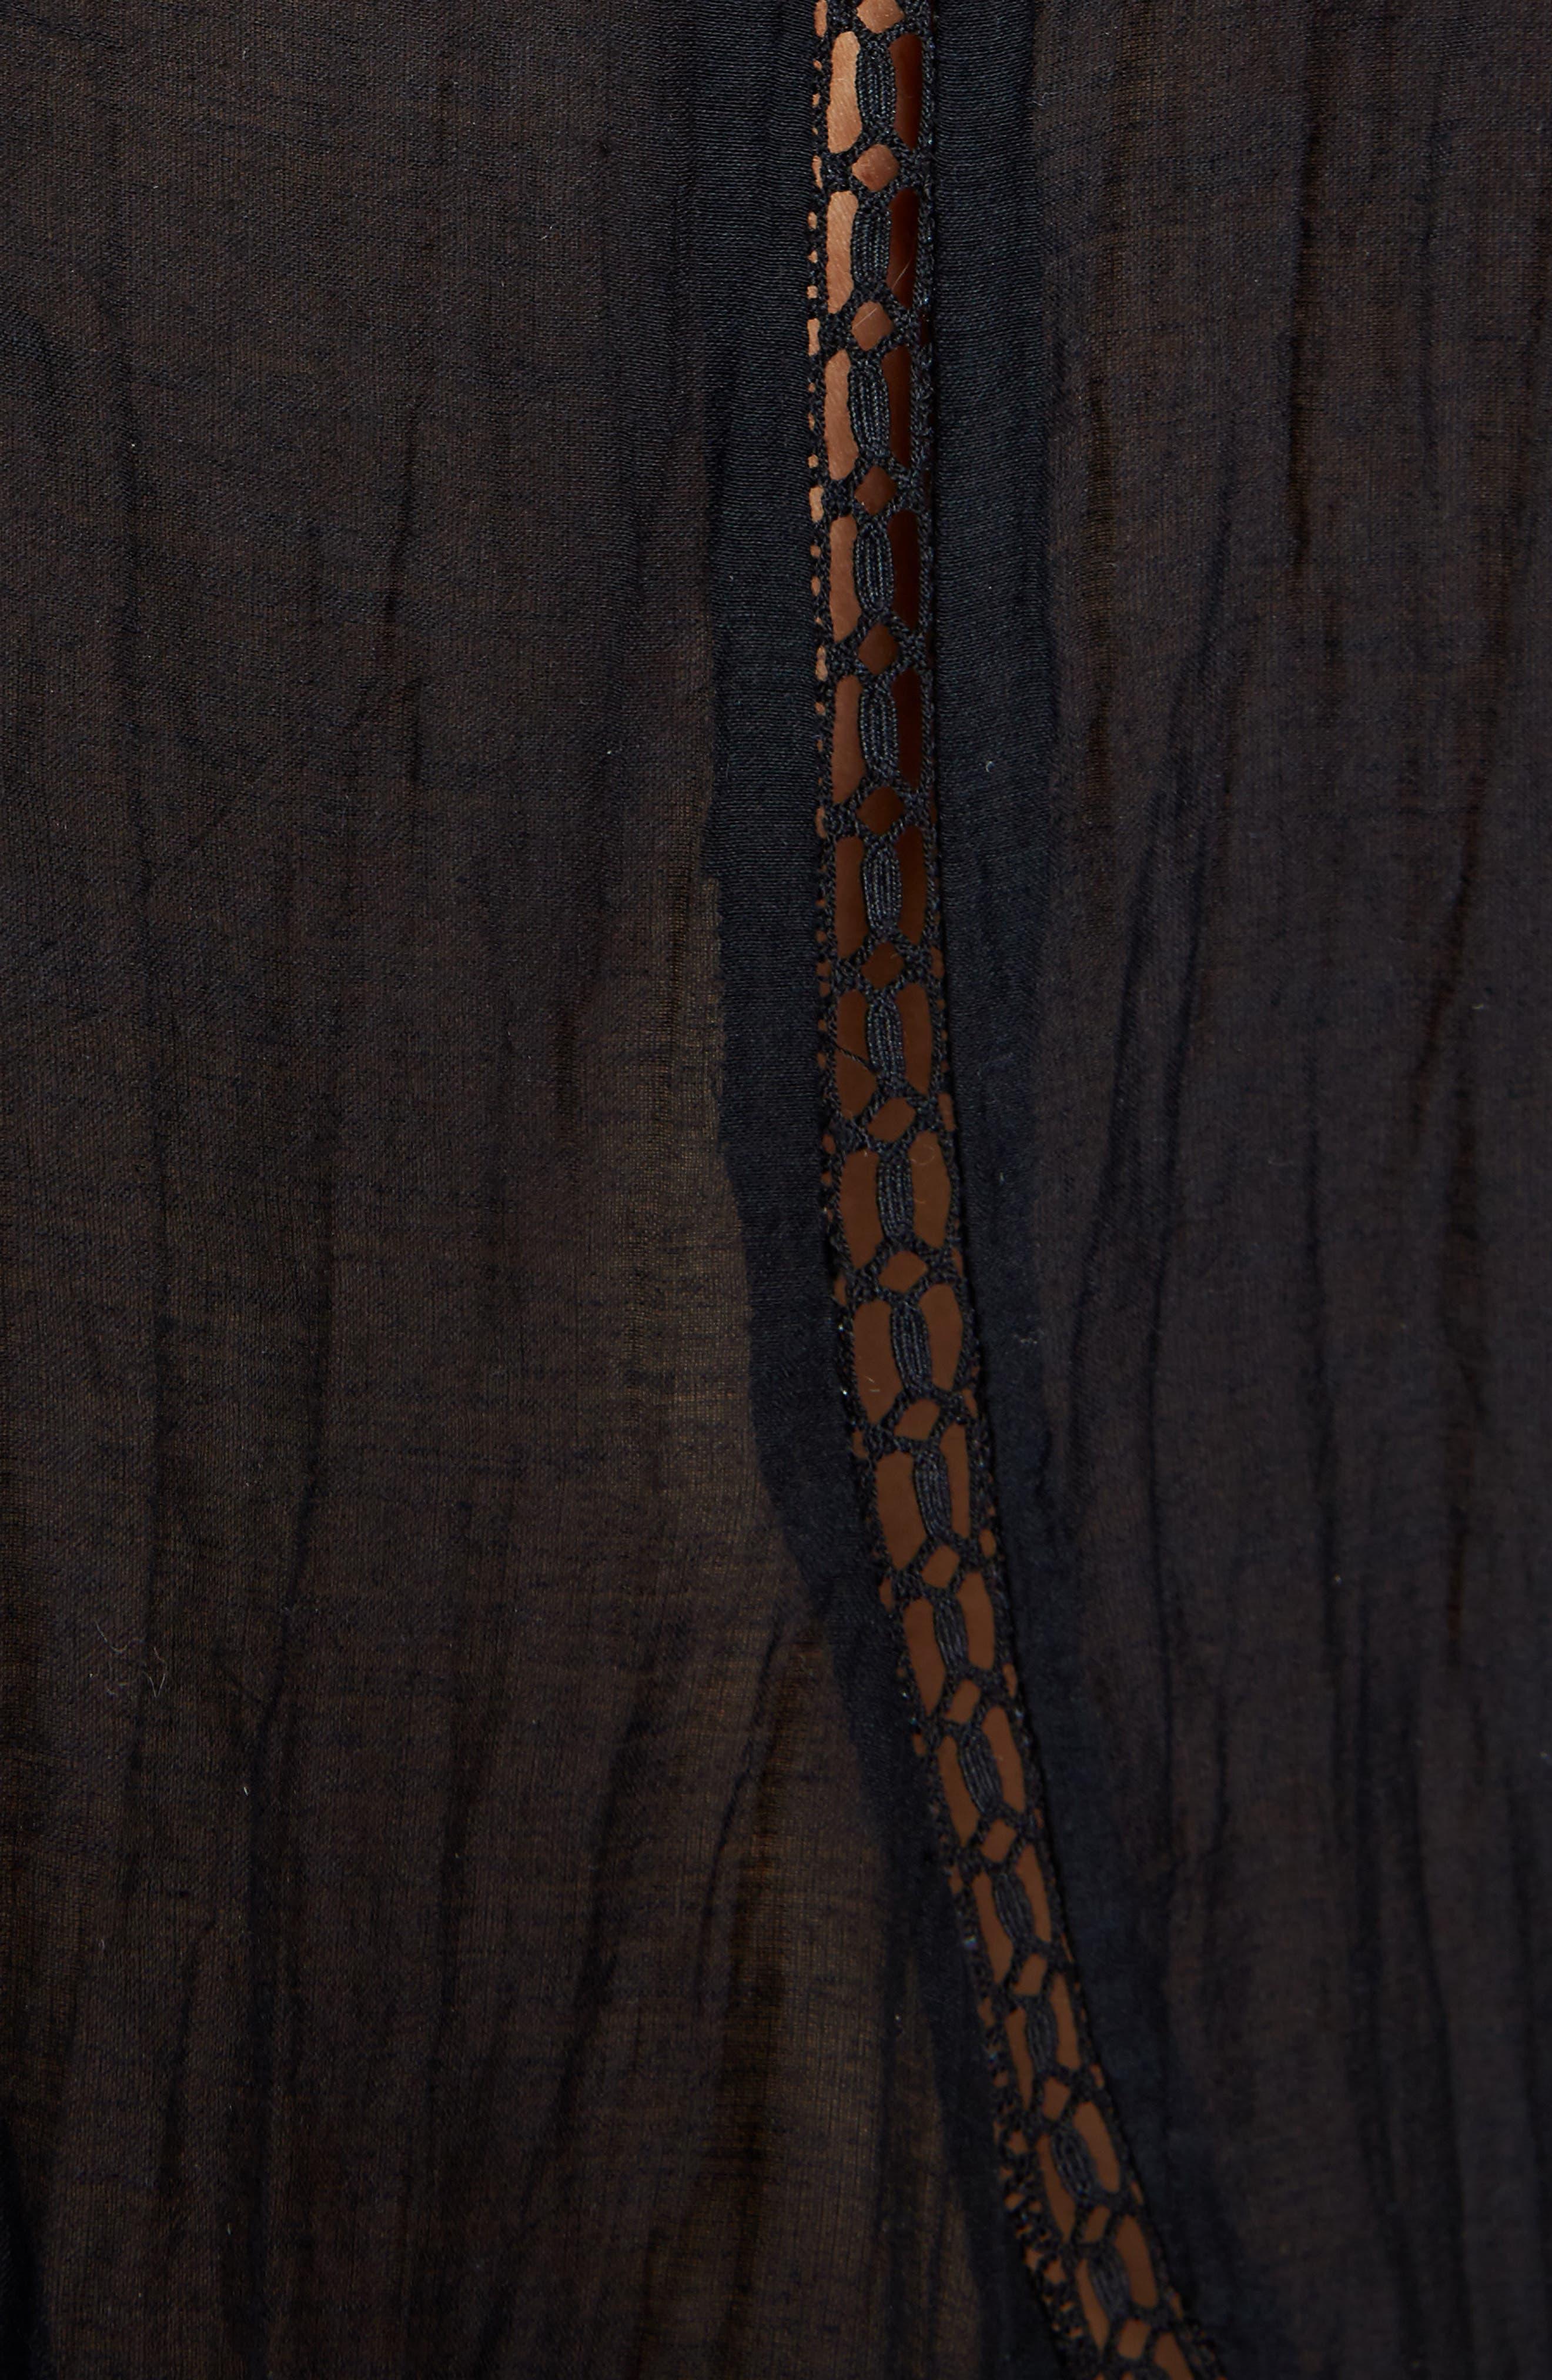 Vivia Lace Trim Top,                             Alternate thumbnail 5, color,                             001